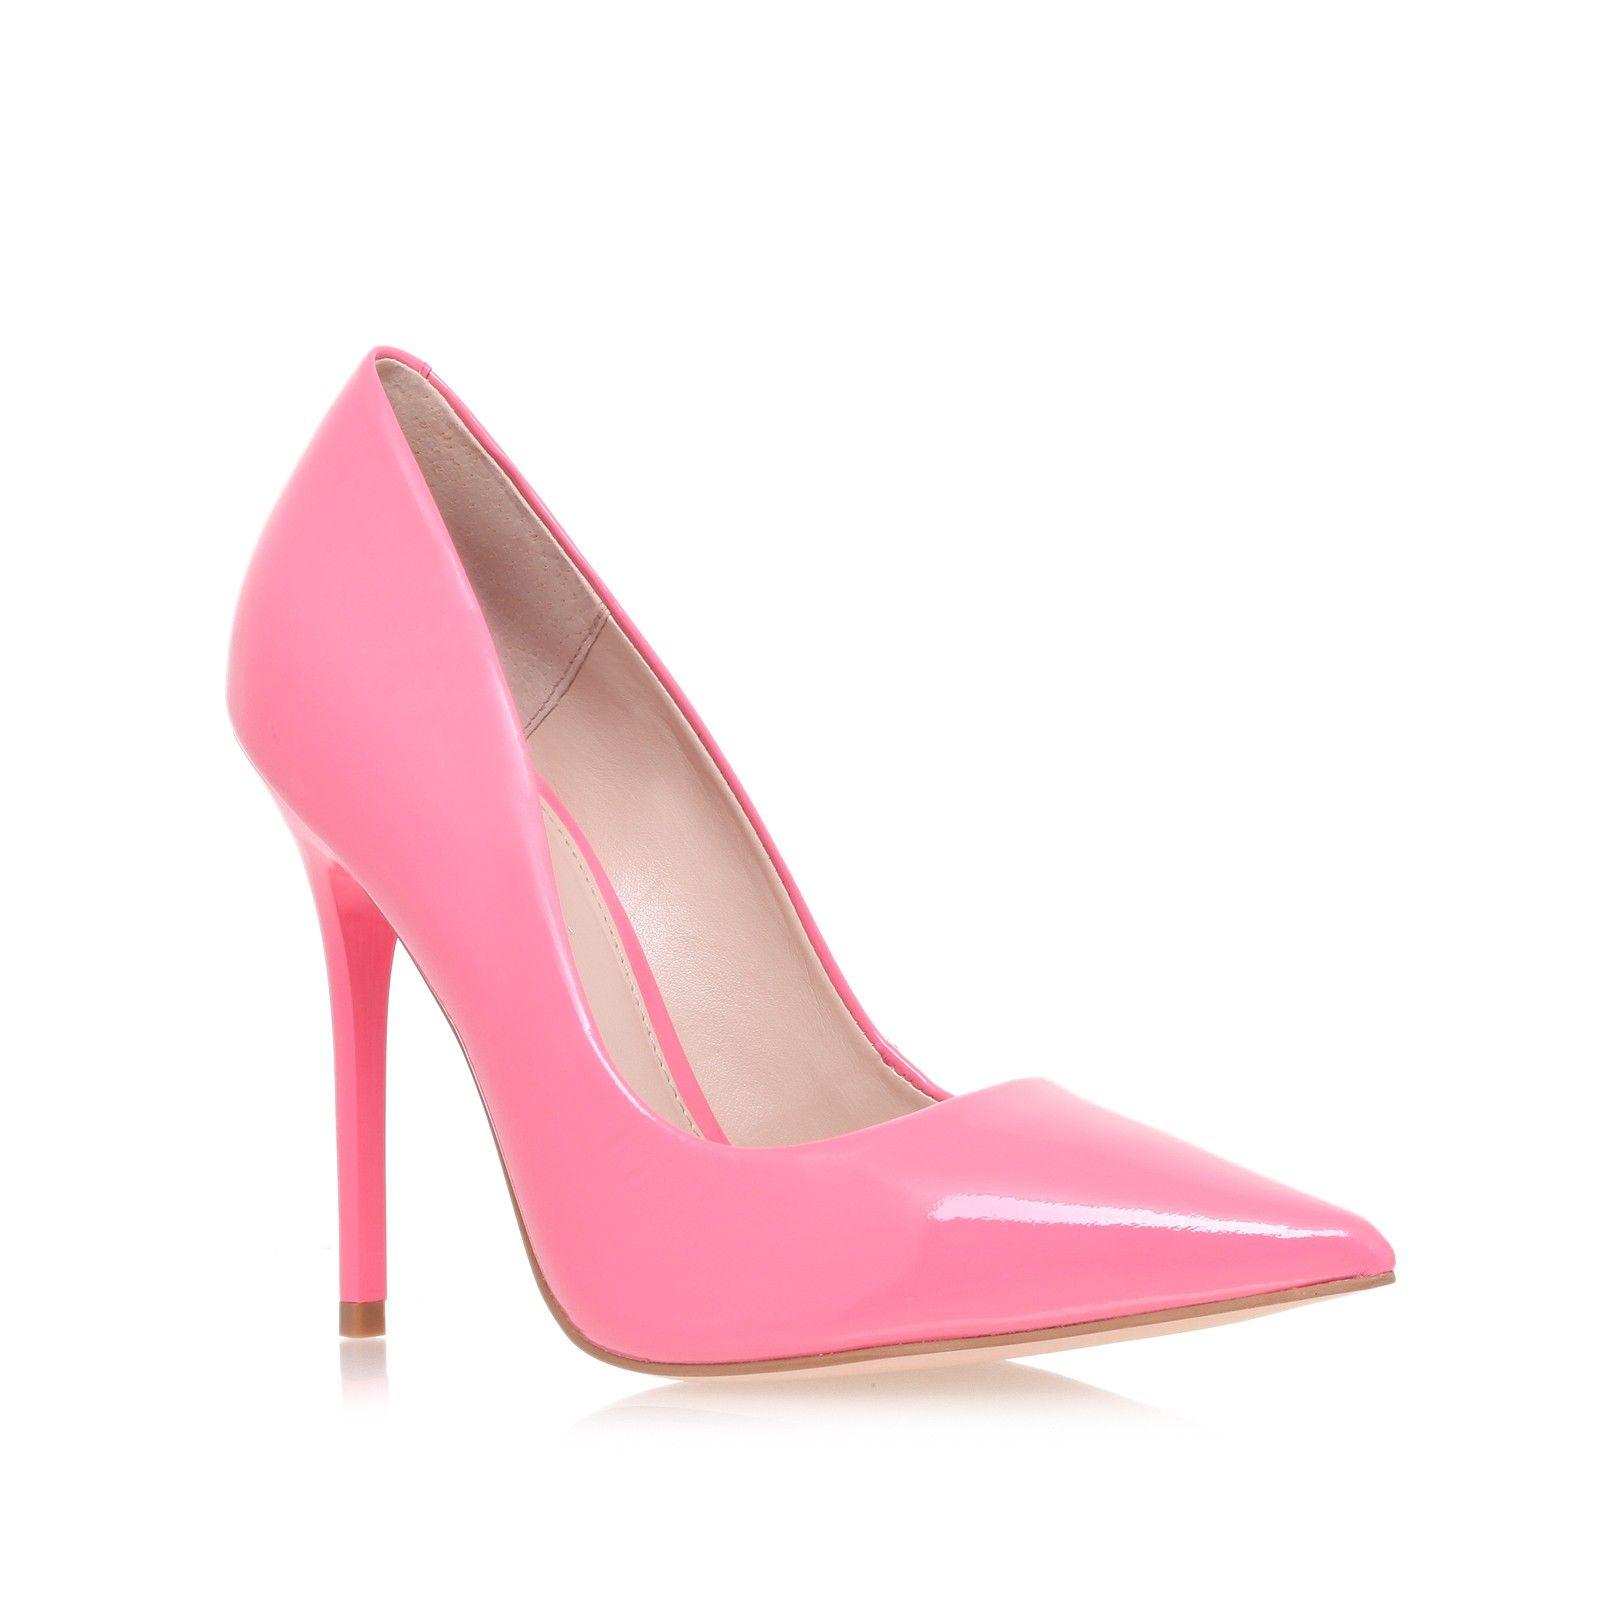 Gilbert Pink Shoe By Carvela Kurt Geiger Women Shoeaholics